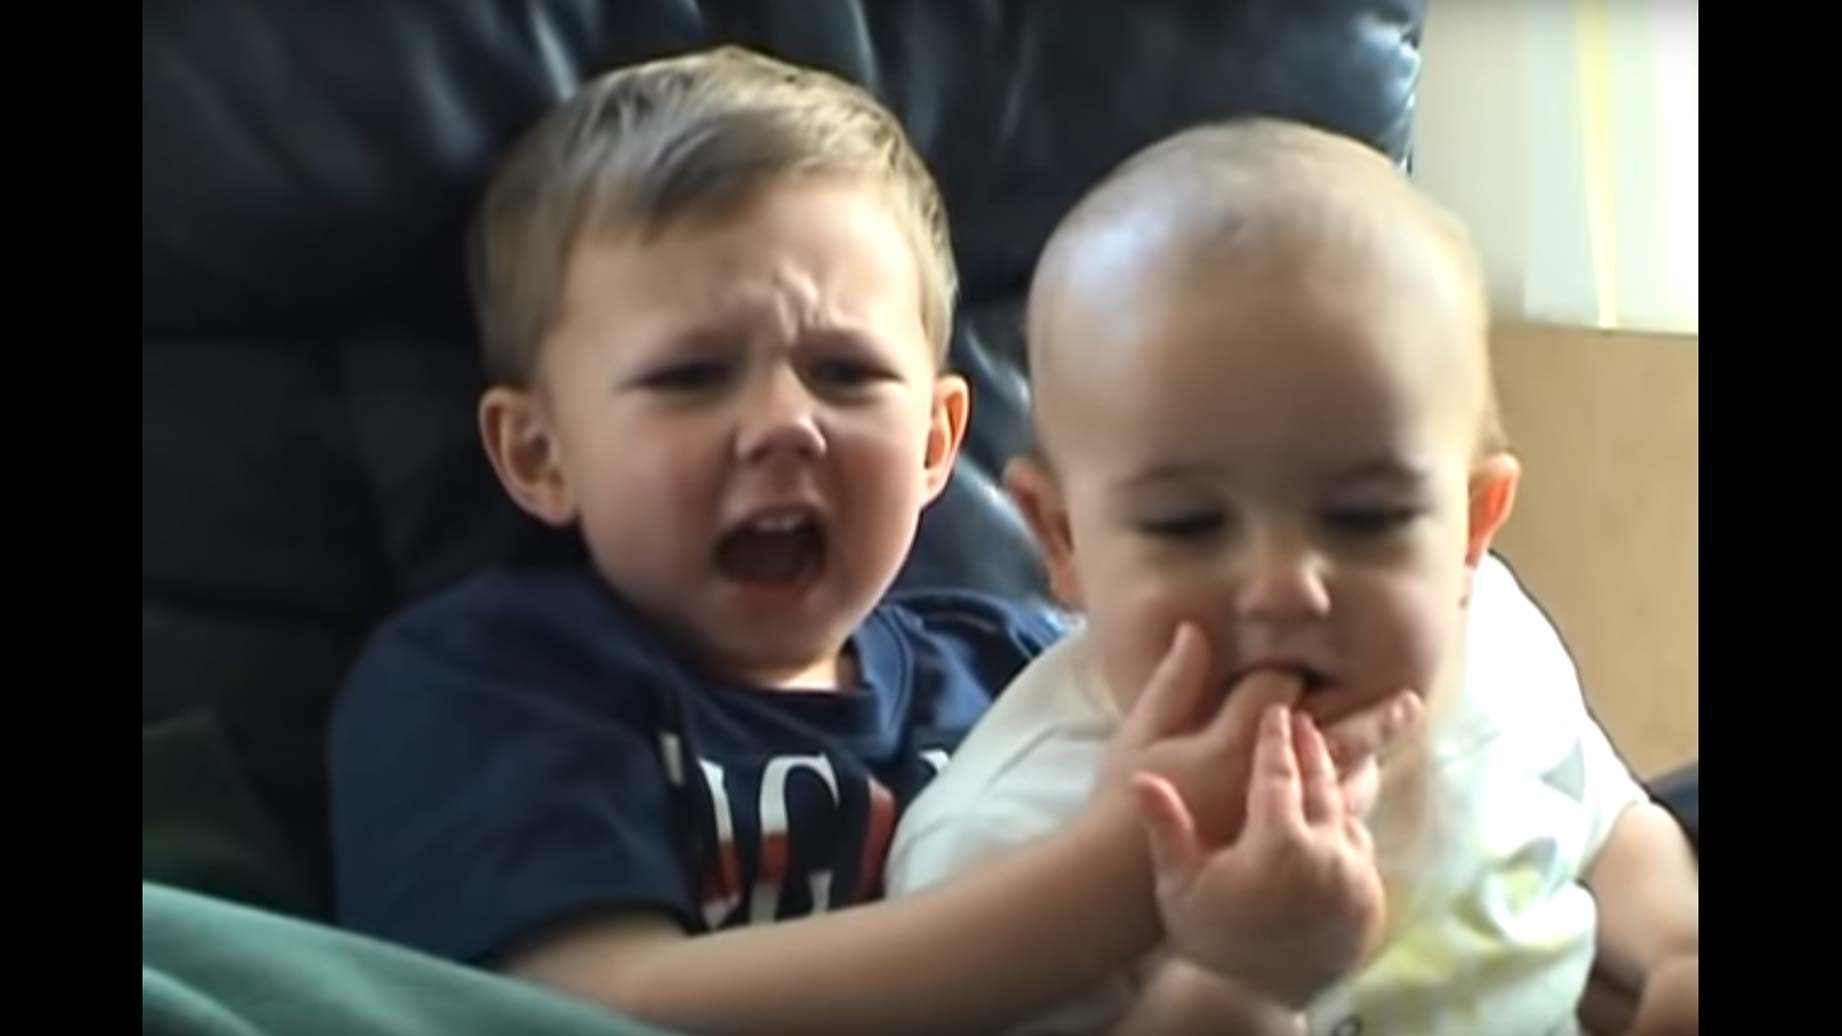 Ein kleiner Bub steckt seinem Bruder sein Fingerchen in das frisch bezahnte Mäulchen. Klar, dass der zubeisst, und wie!